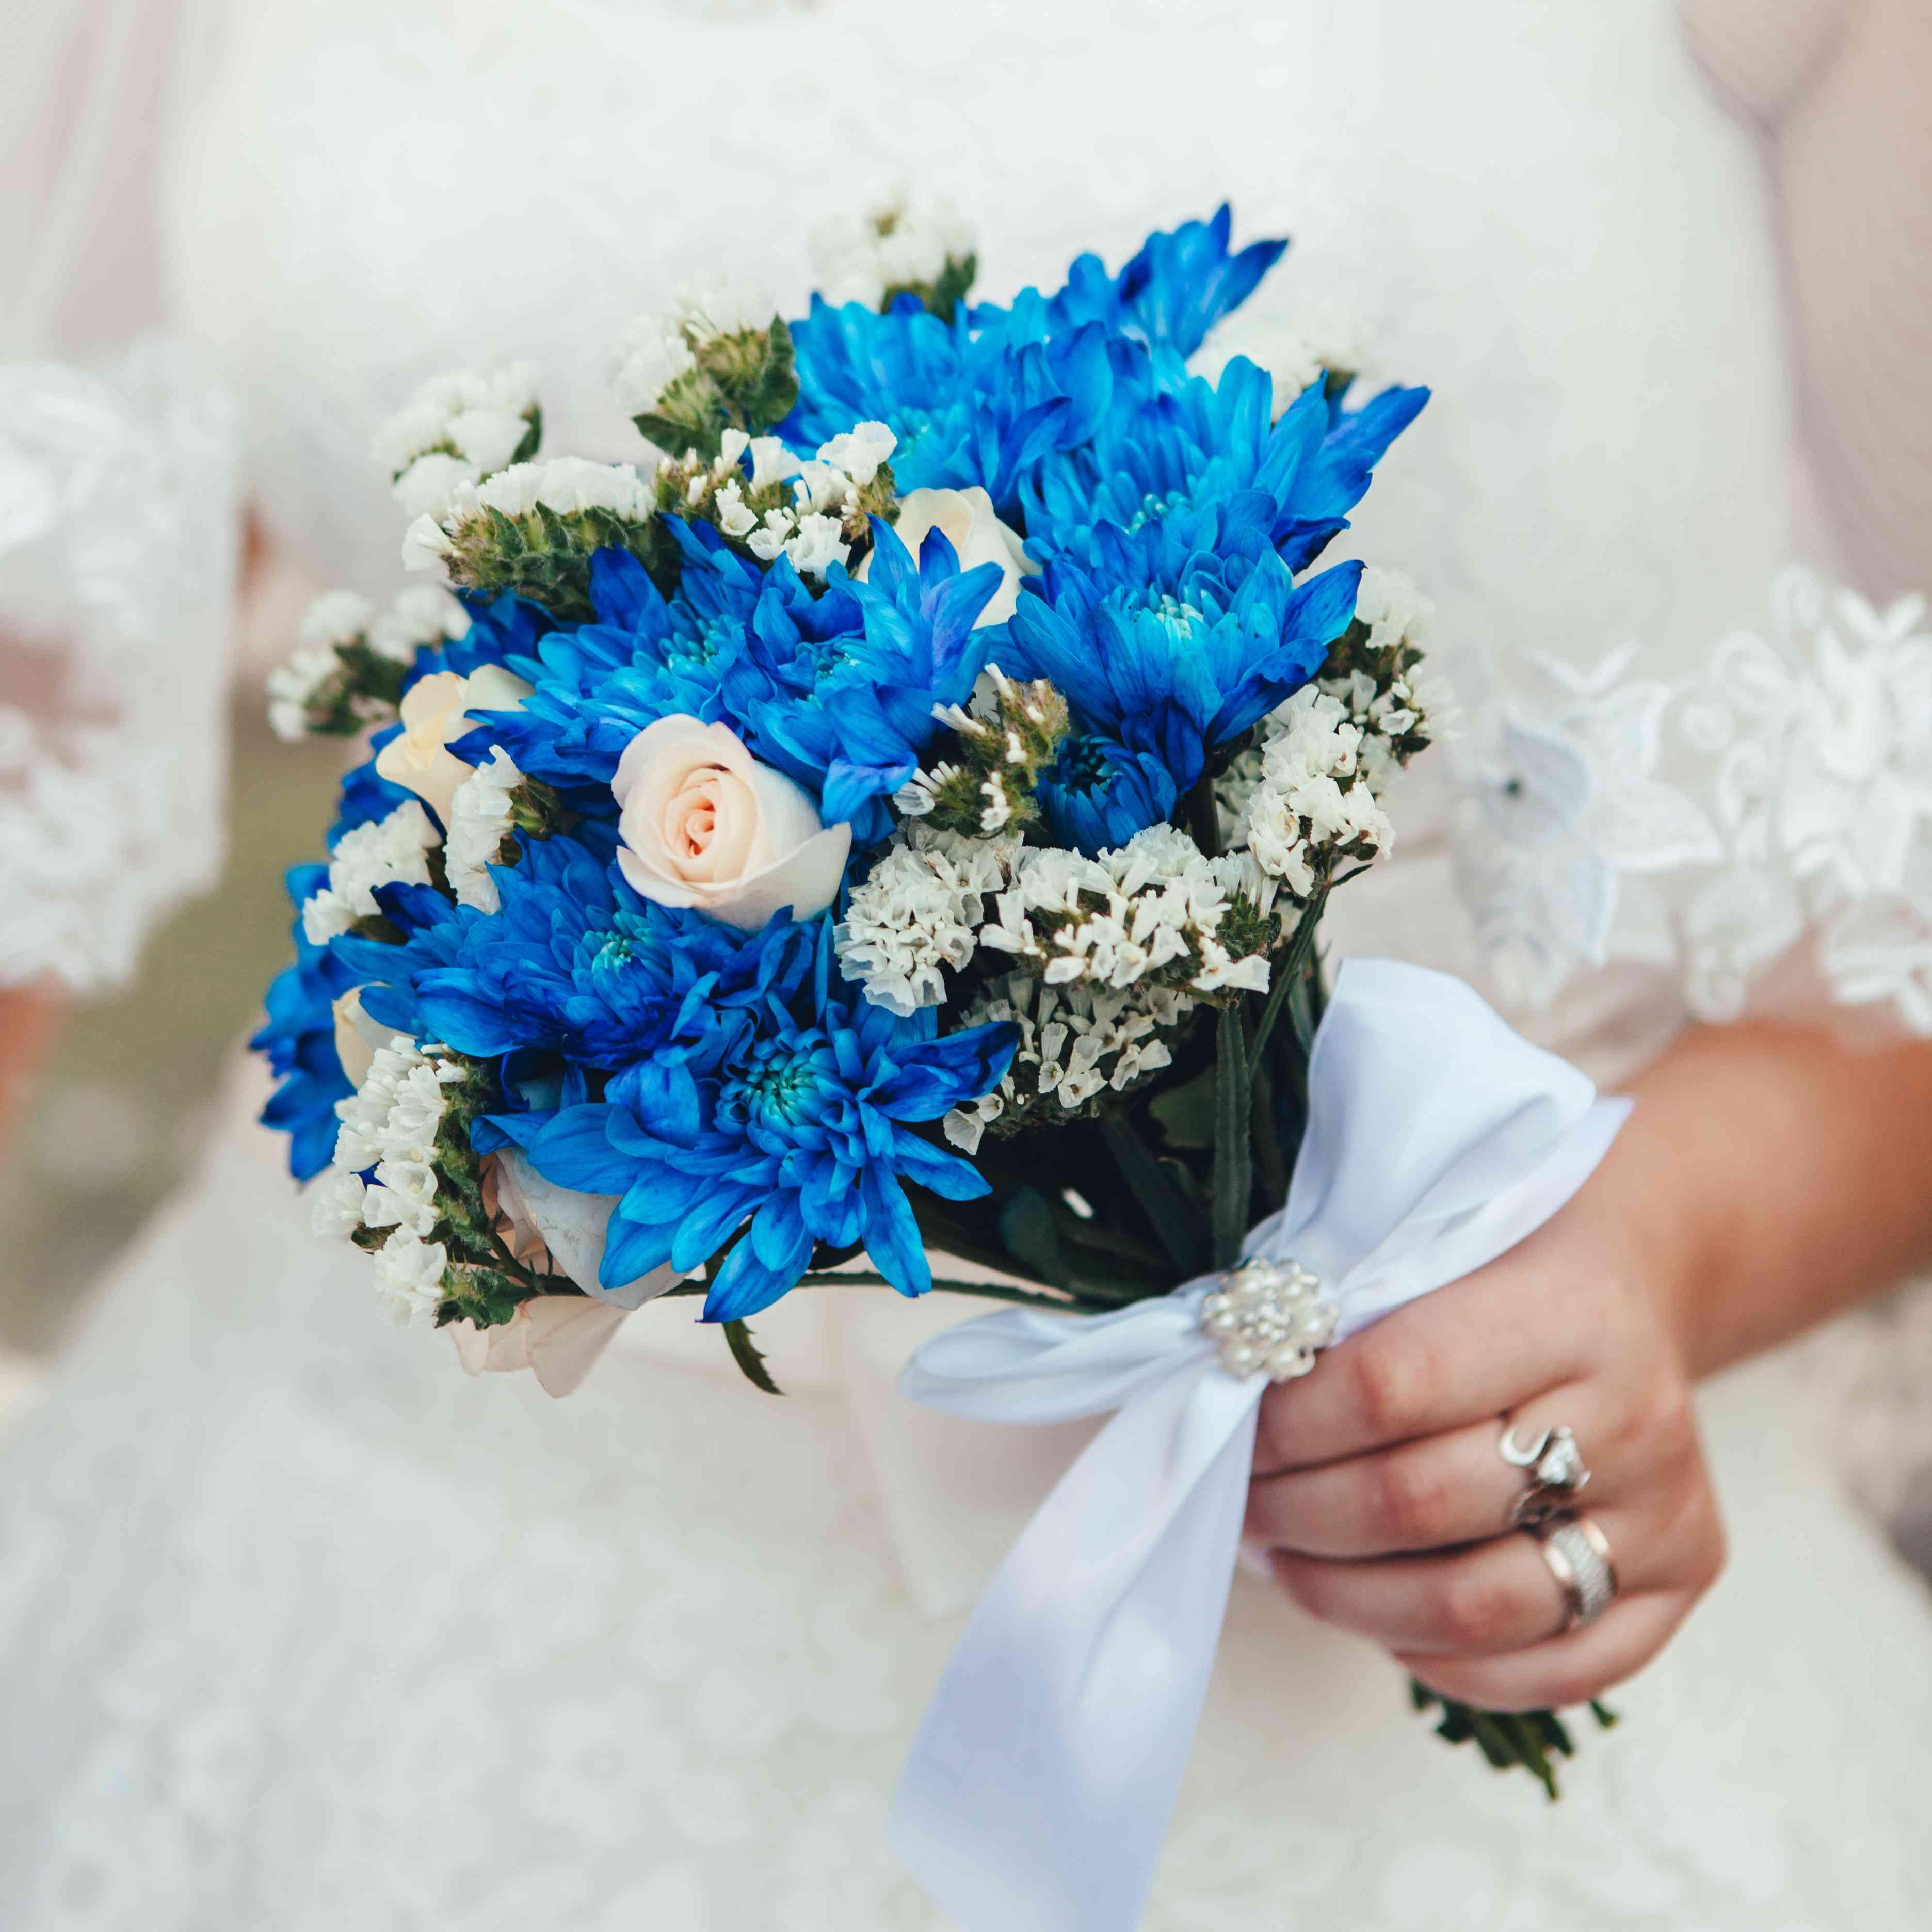 Blue Mum Bridal Bouquet